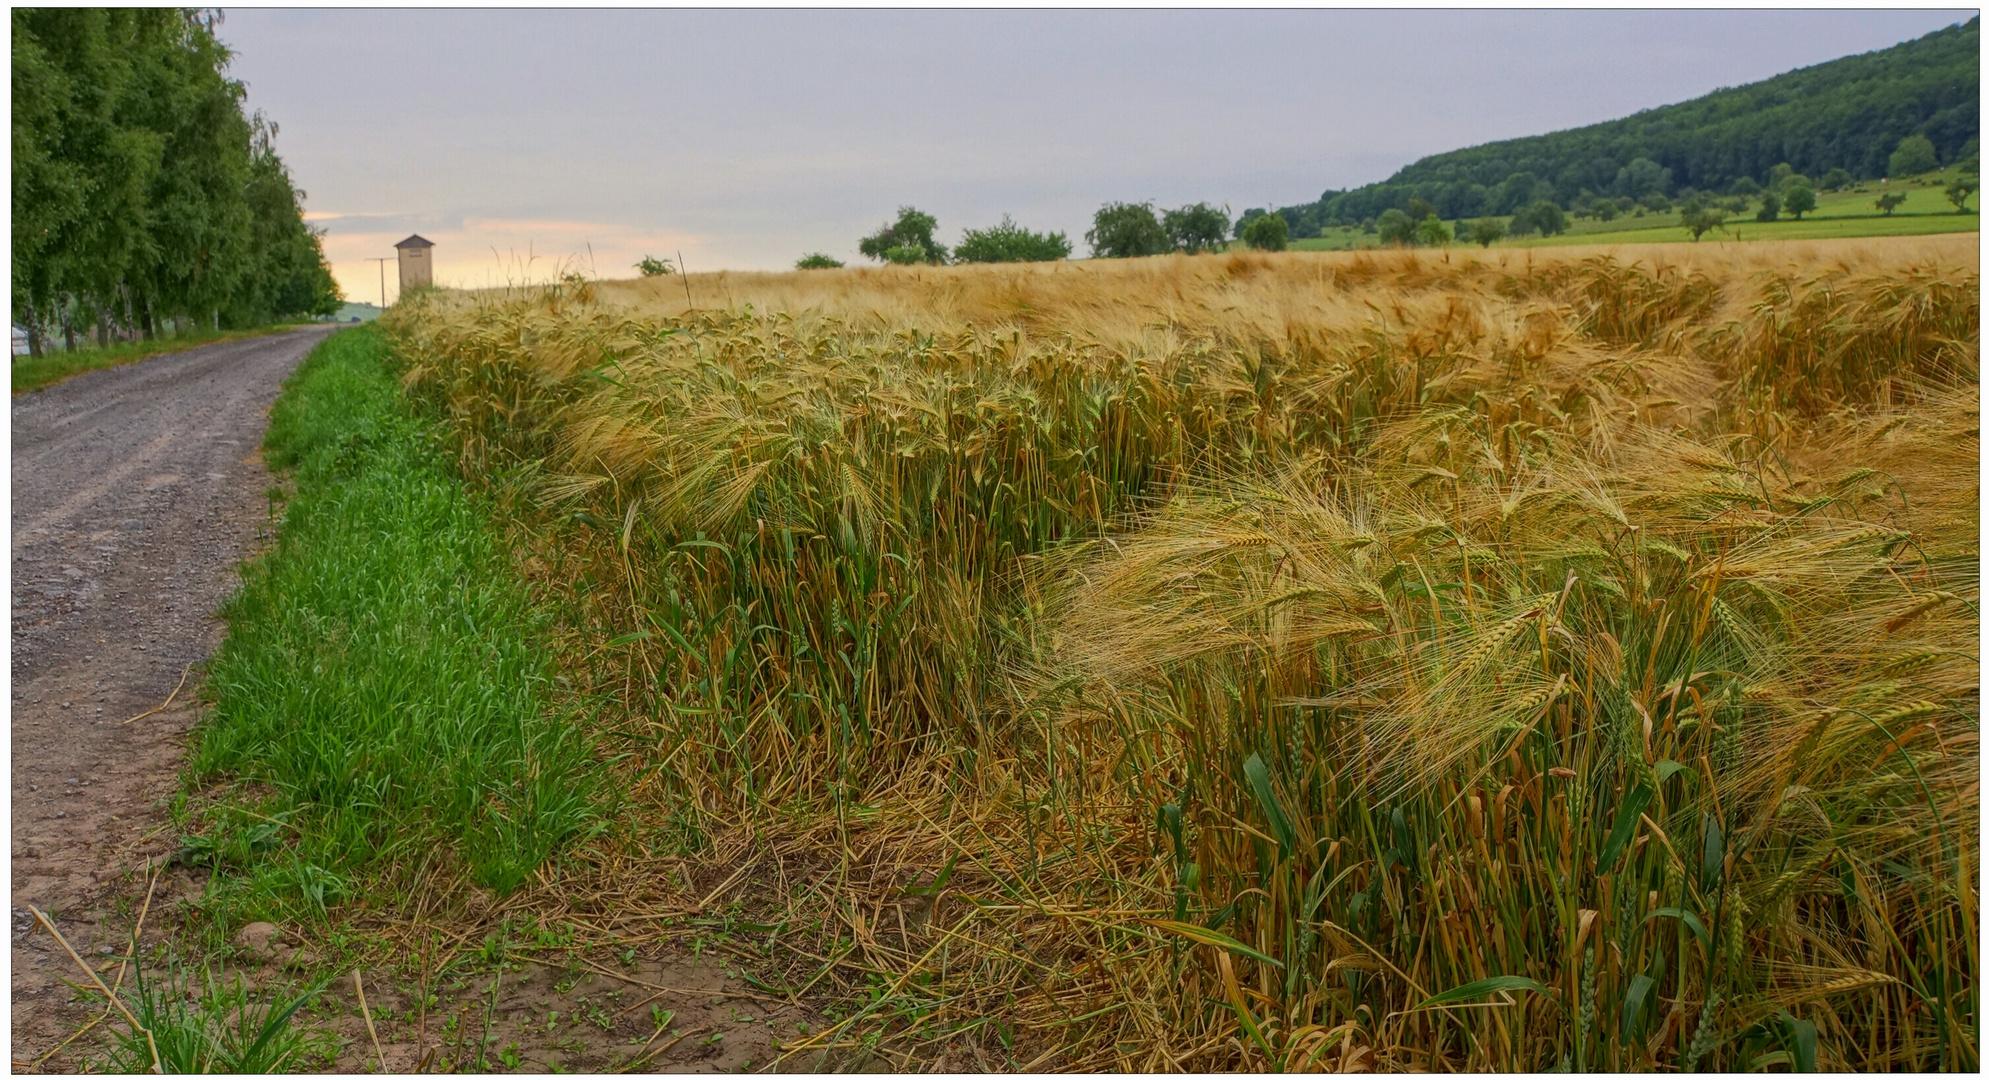 Getreidefeld IX (campo de cereales IX)